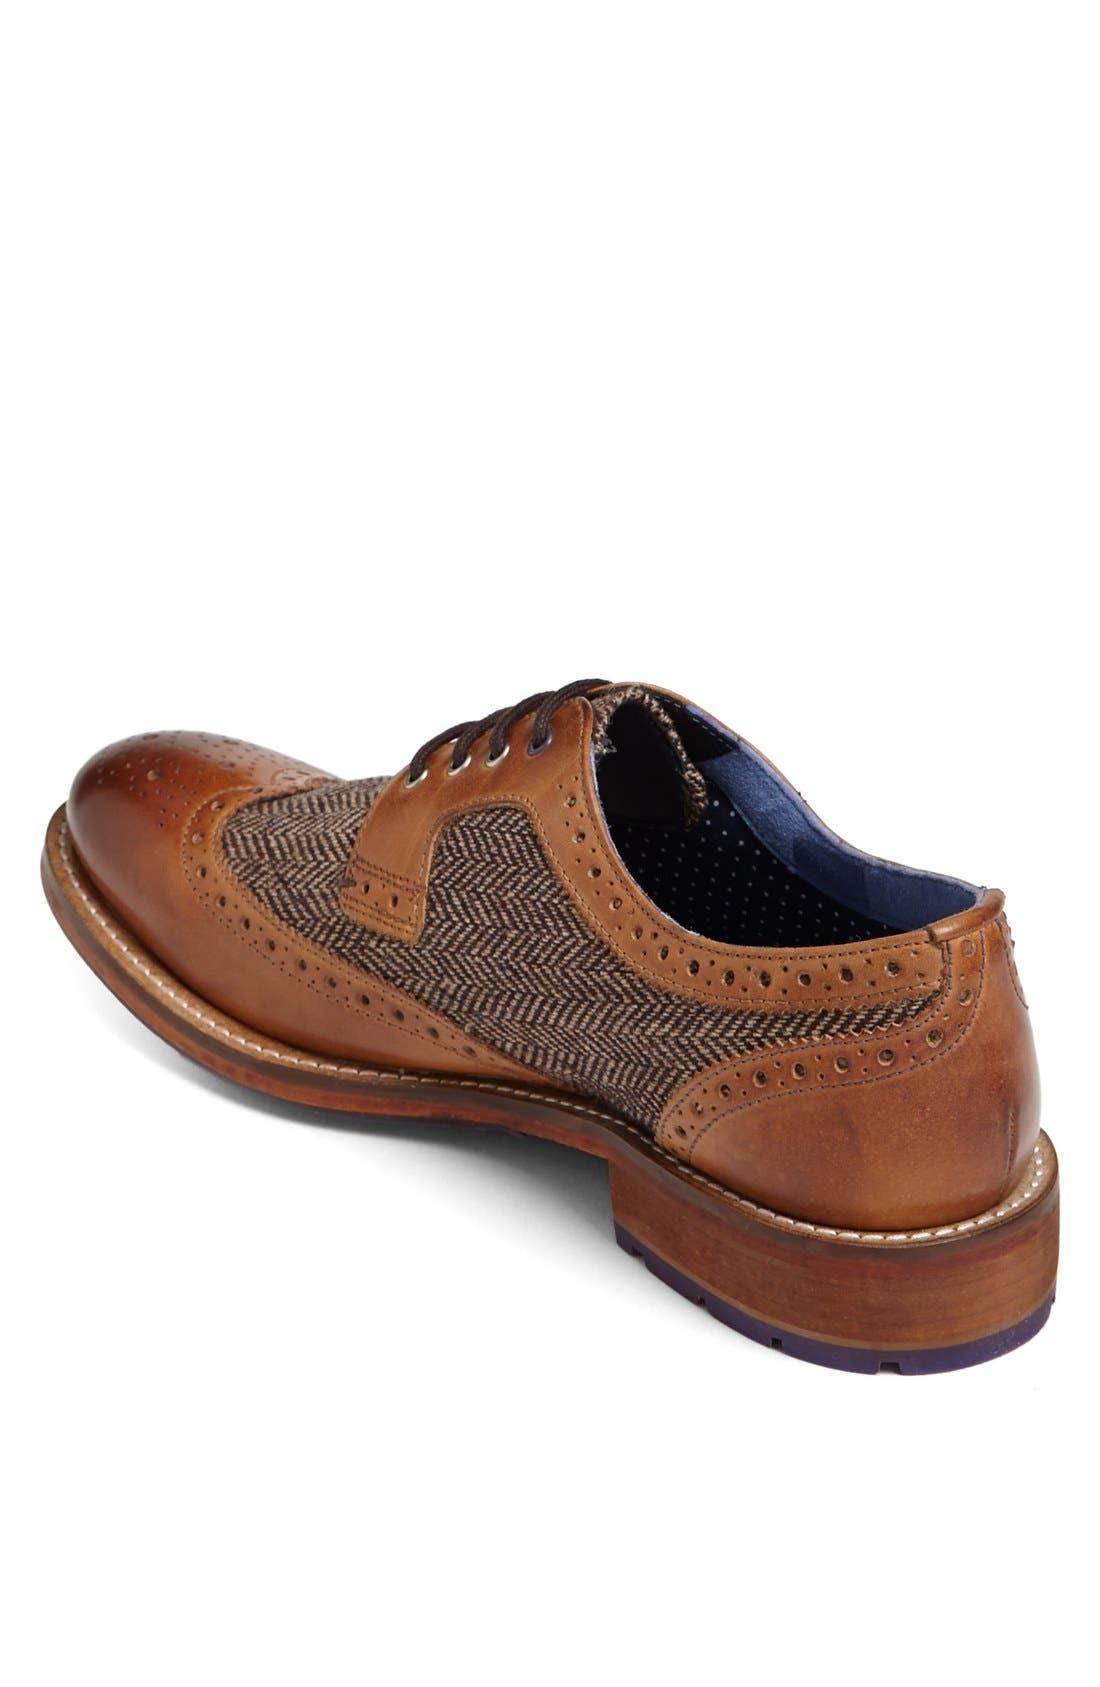 Alternate Image 2  - Ted Baker London 'Cassiuss 2' Spectator Shoe